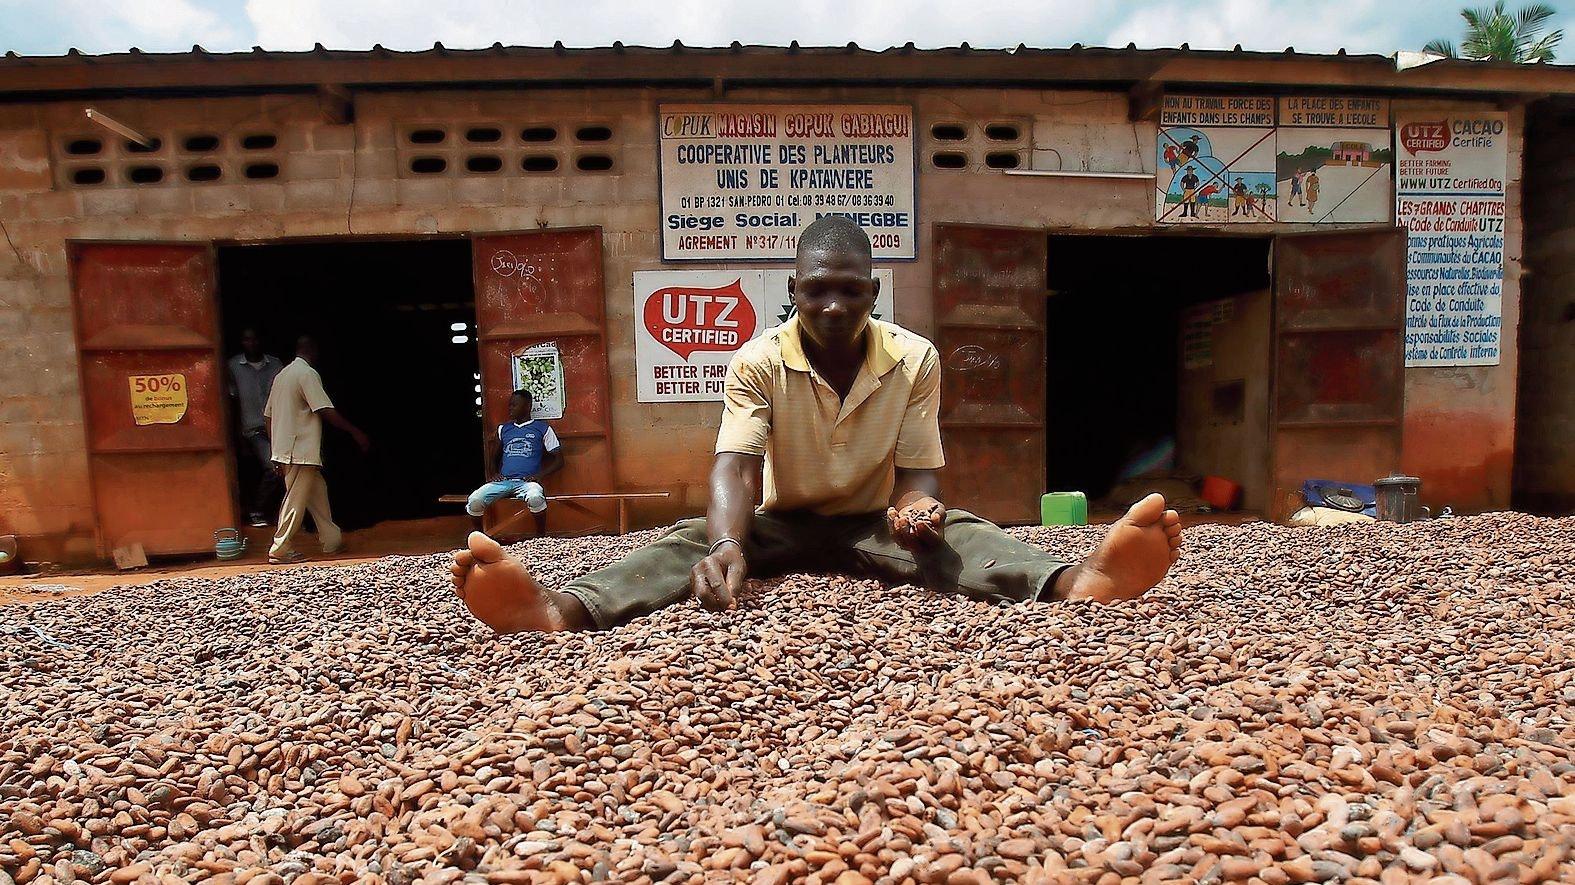 Verantwortung gefragt: Unternehmen, die mit Zulieferern in Entwicklungsländern zusammenarbeiten, sollen auf die Einhaltung von Menschenrechten pochen. Foto: picture alliance/dpa/EPA | Legnan Koula